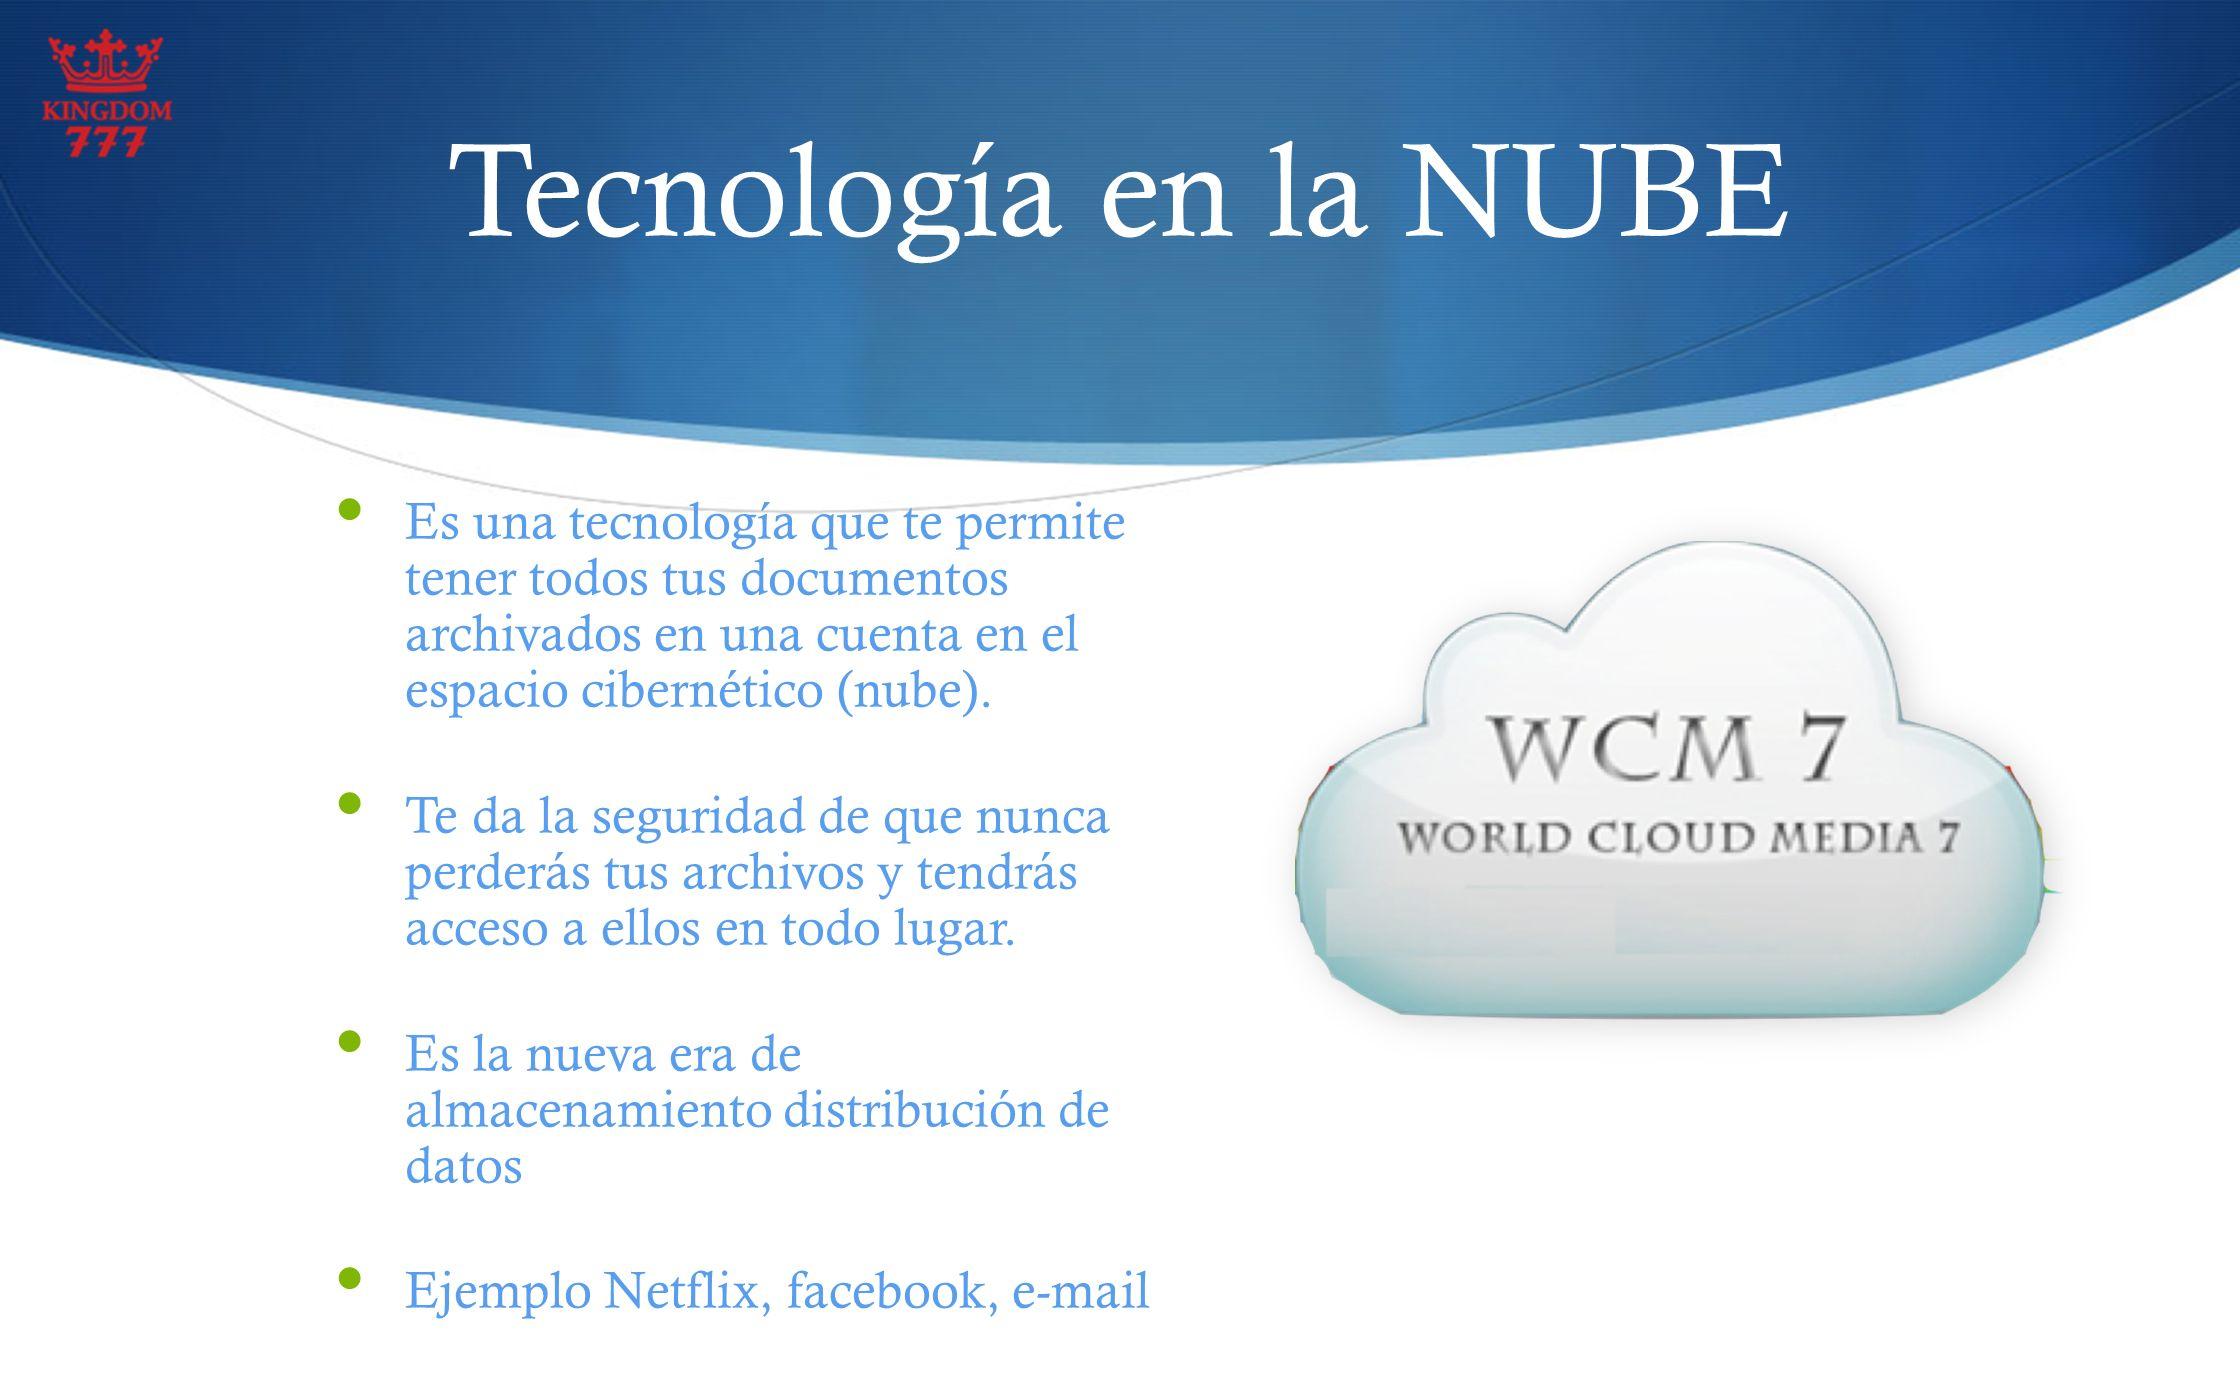 Tecnología en la NUBE Es una tecnología que te permite tener todos tus documentos archivados en una cuenta en el espacio cibernético (nube).